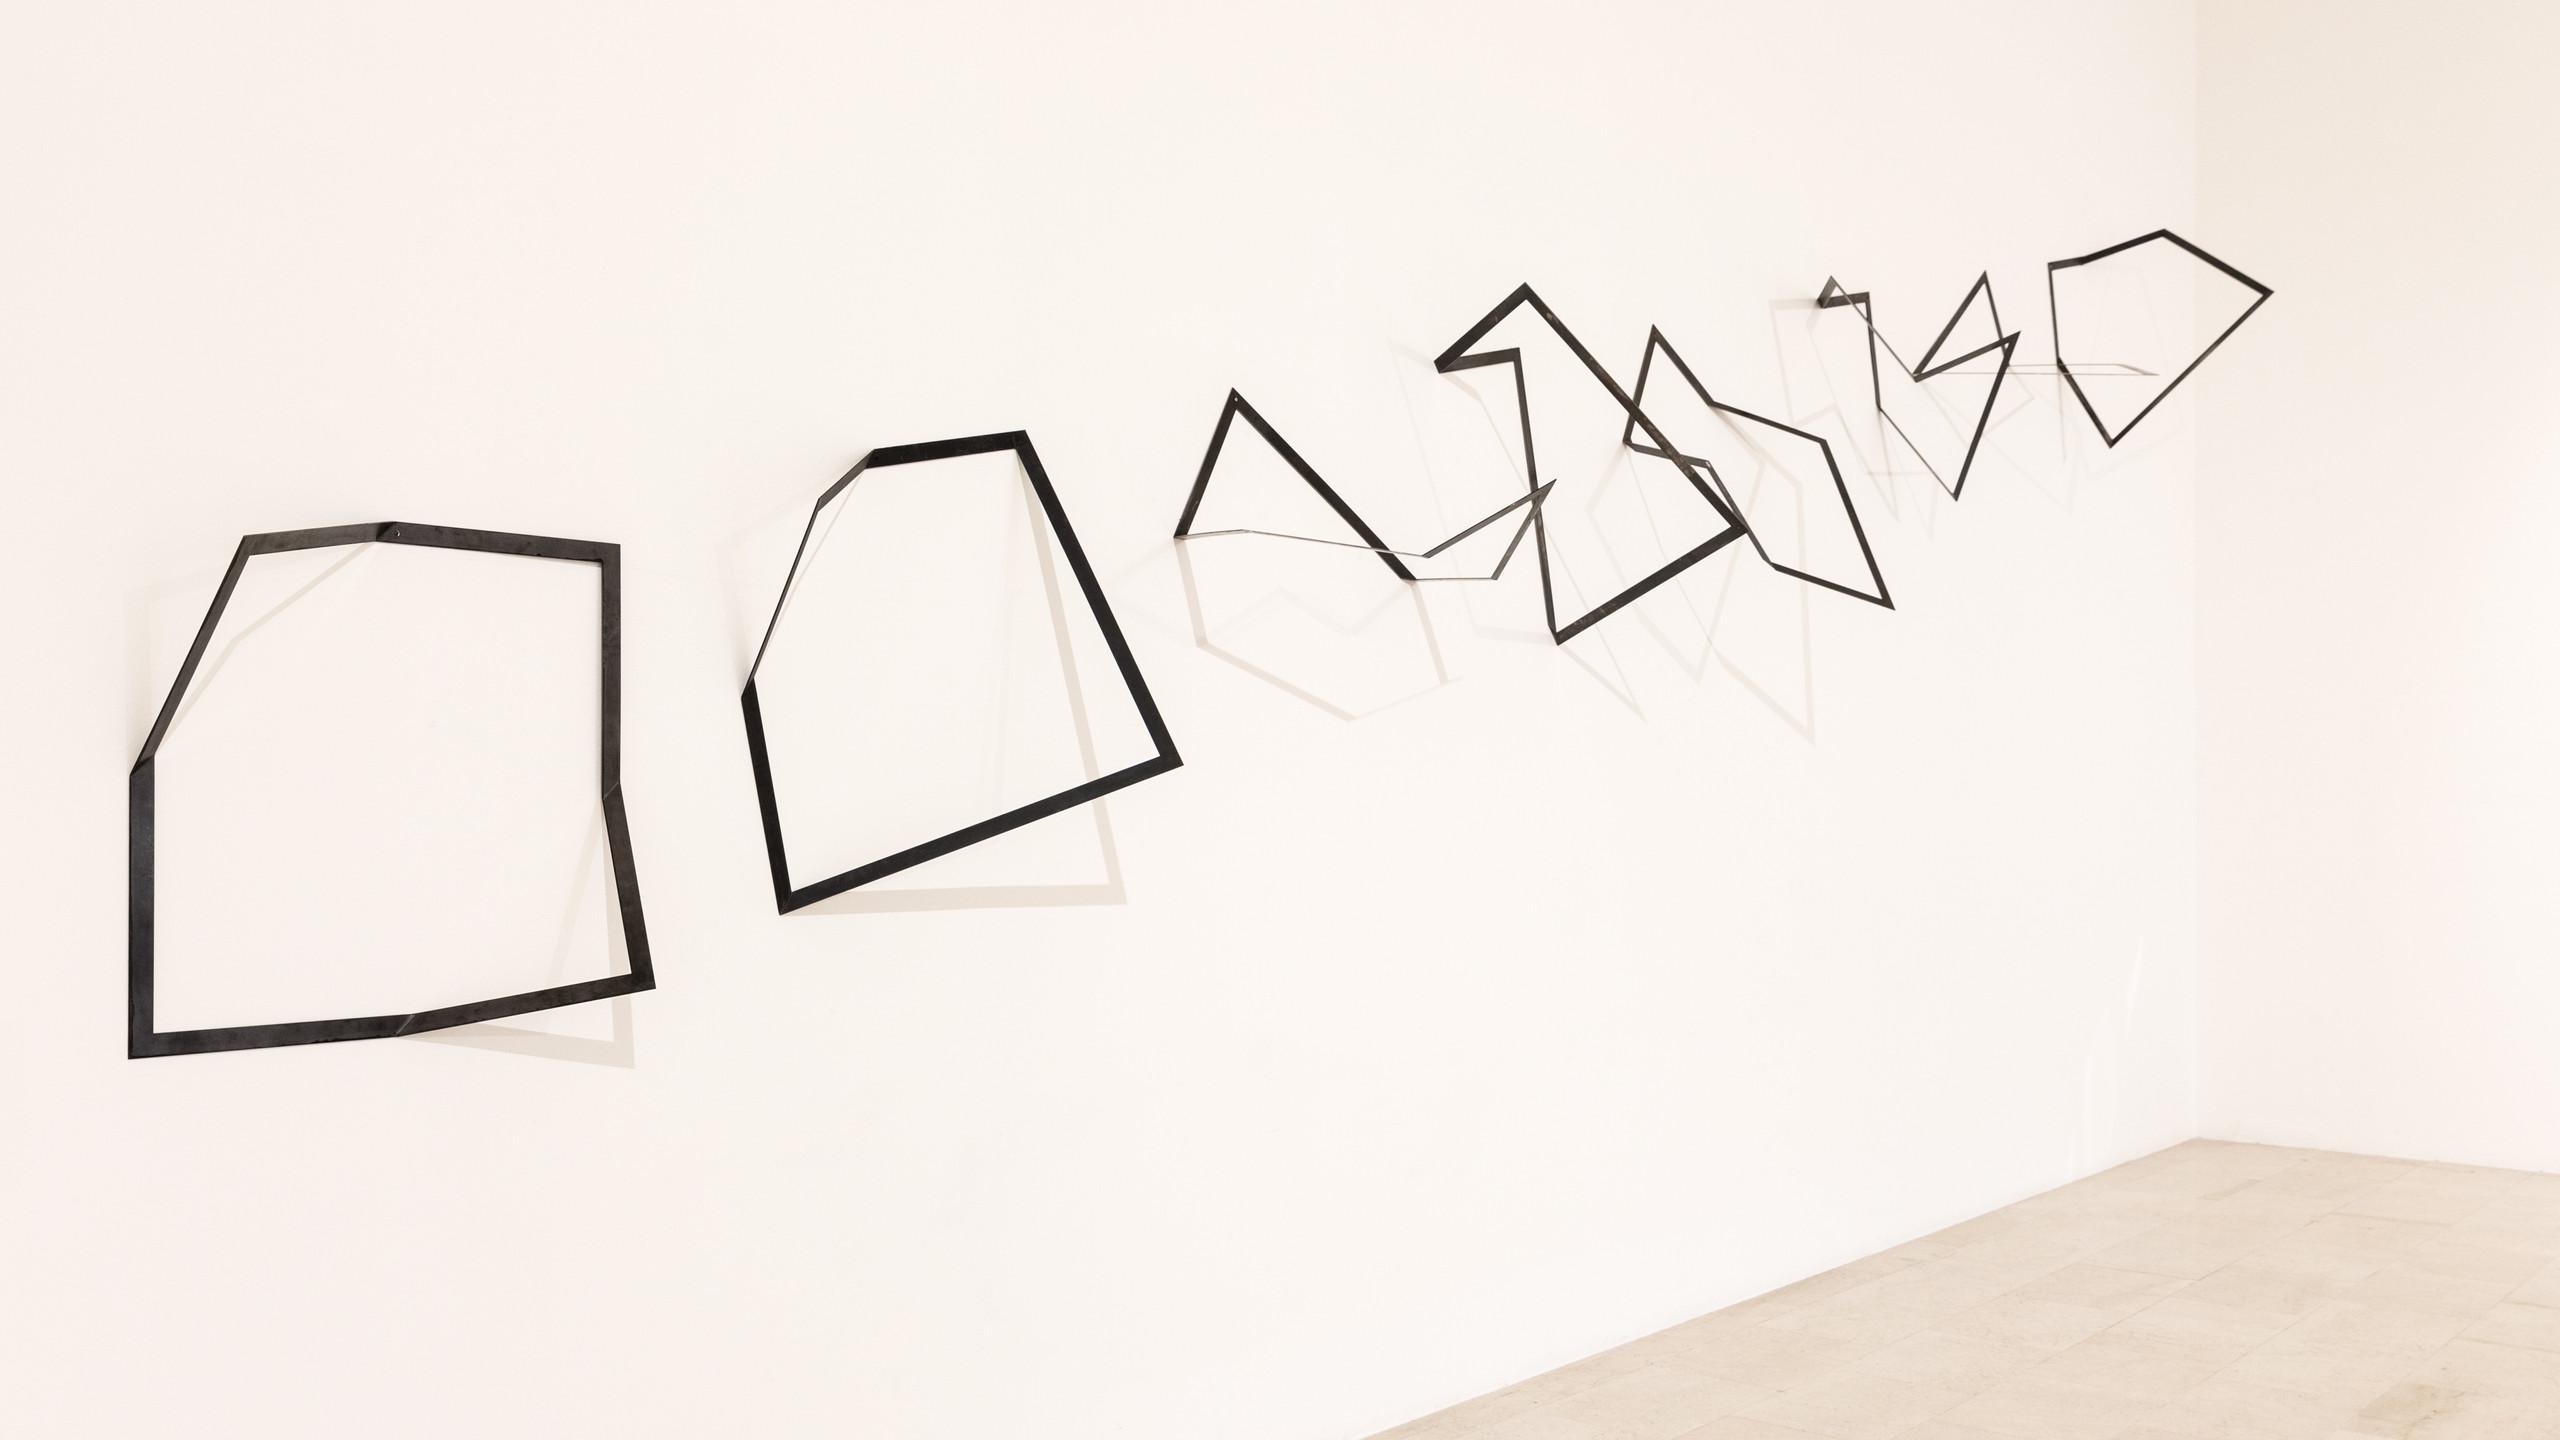 """Installation views: """"Grazia Varisco allineamenti scorrevoli ricorrenti"""" Photo by: Gianluca di Loia. Courtesy: La Triennale di Milano – Cortesi Gallery London, Milan, Lugano"""